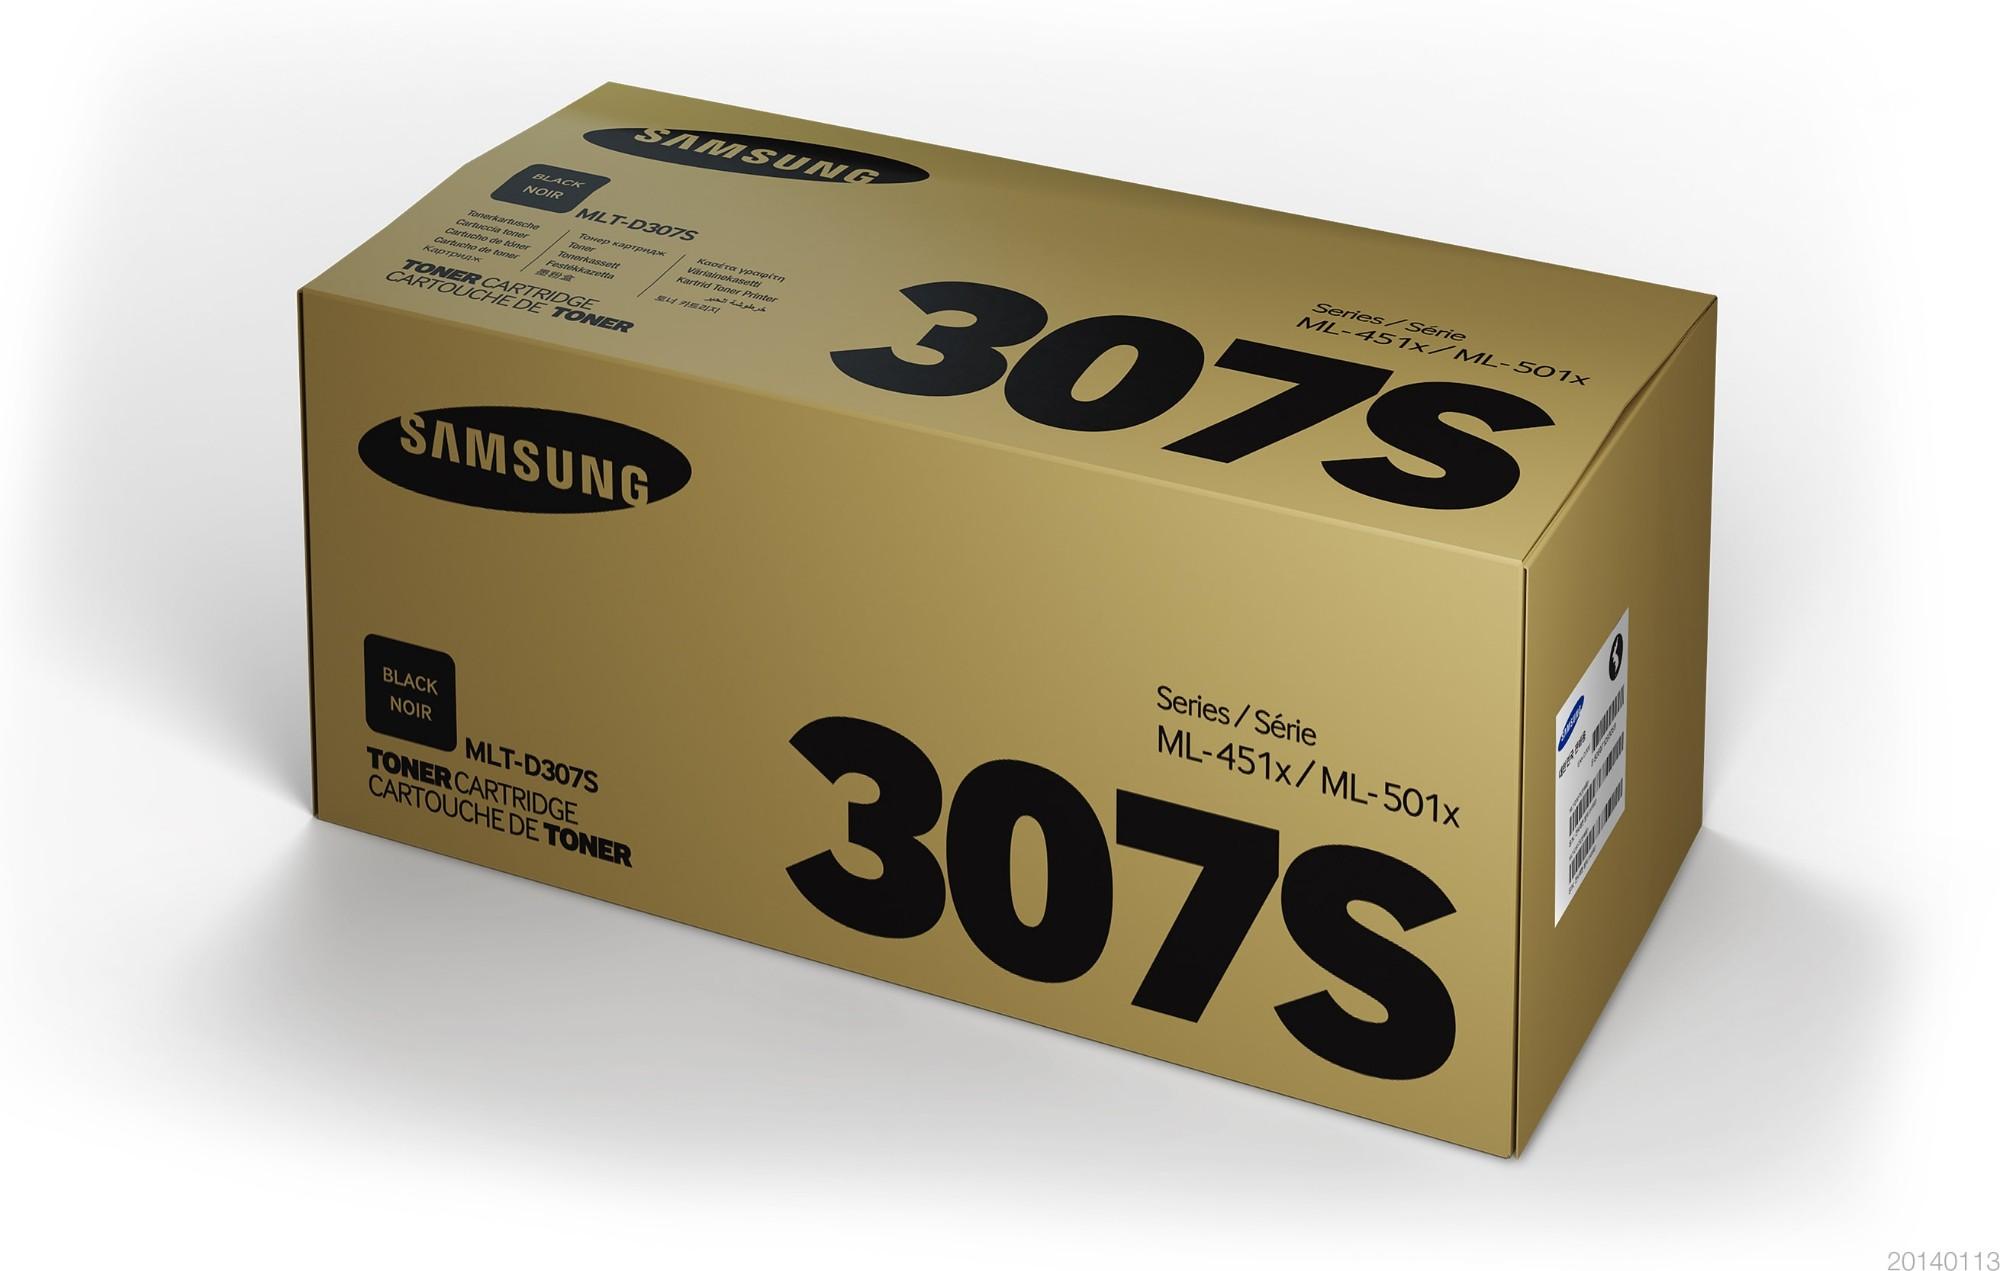 HP SV074A (MLT-D307S) Toner black, 7K pages